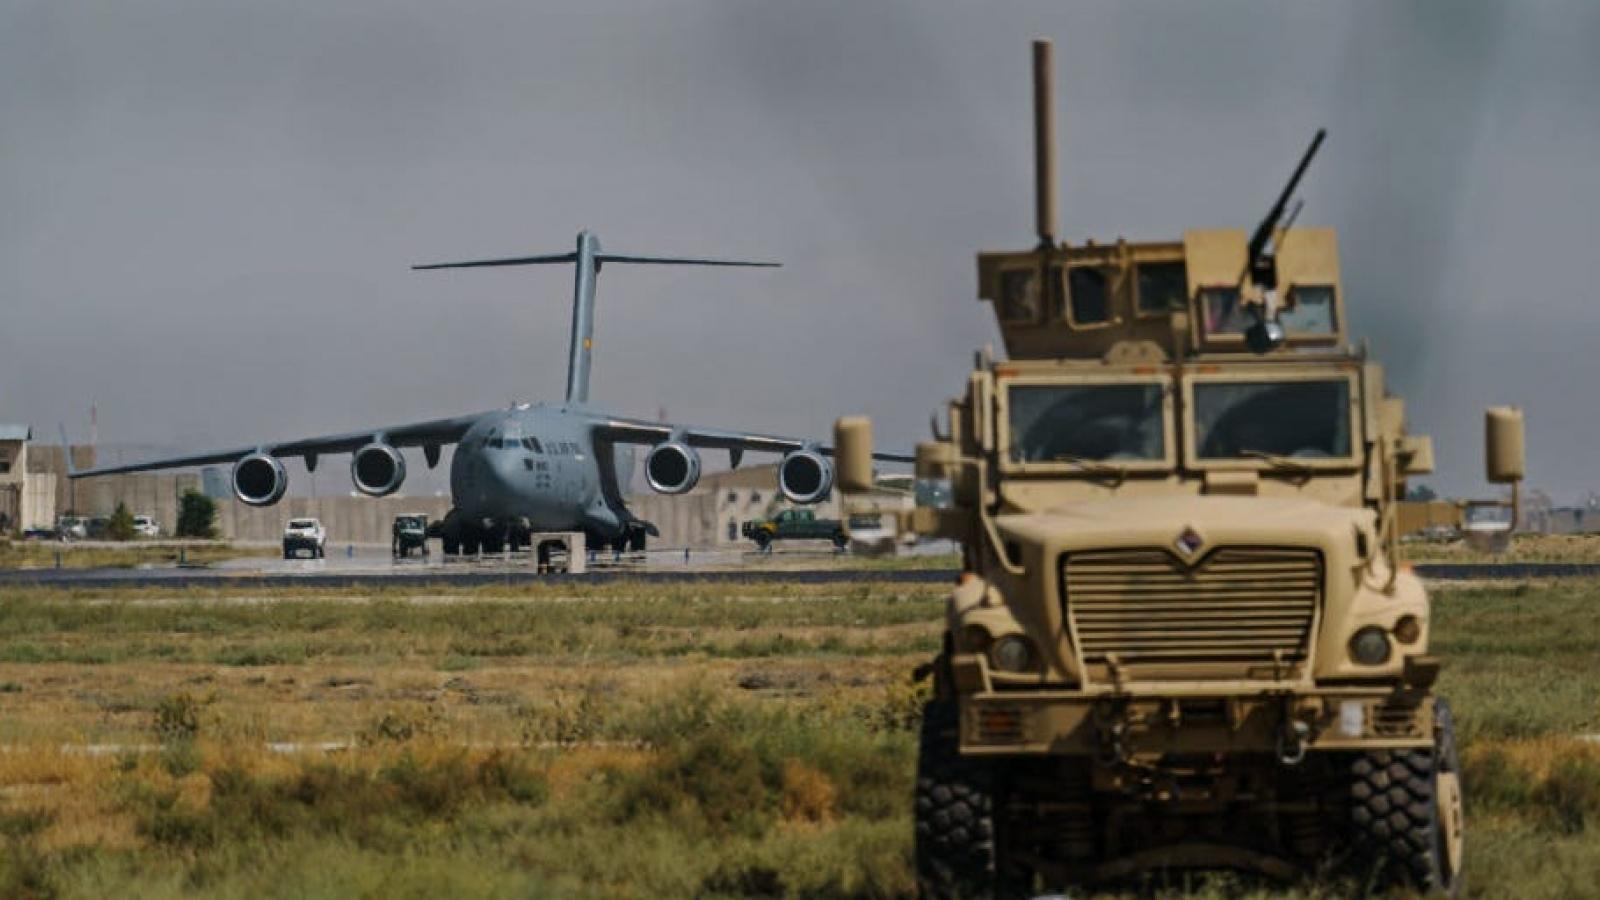 Quân đội Mỹ vô hiệu hóa 73 máy bay trước khi rời sân bay Kabul